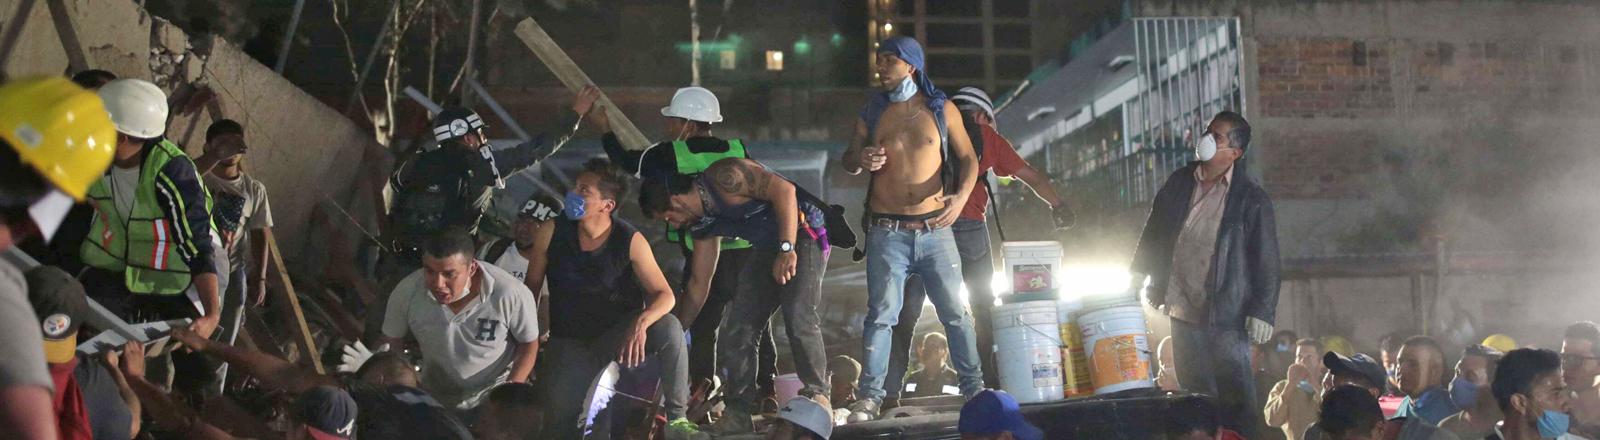 Helfer in den Trümmern nach schwerem Erdbeben in Mexiko City